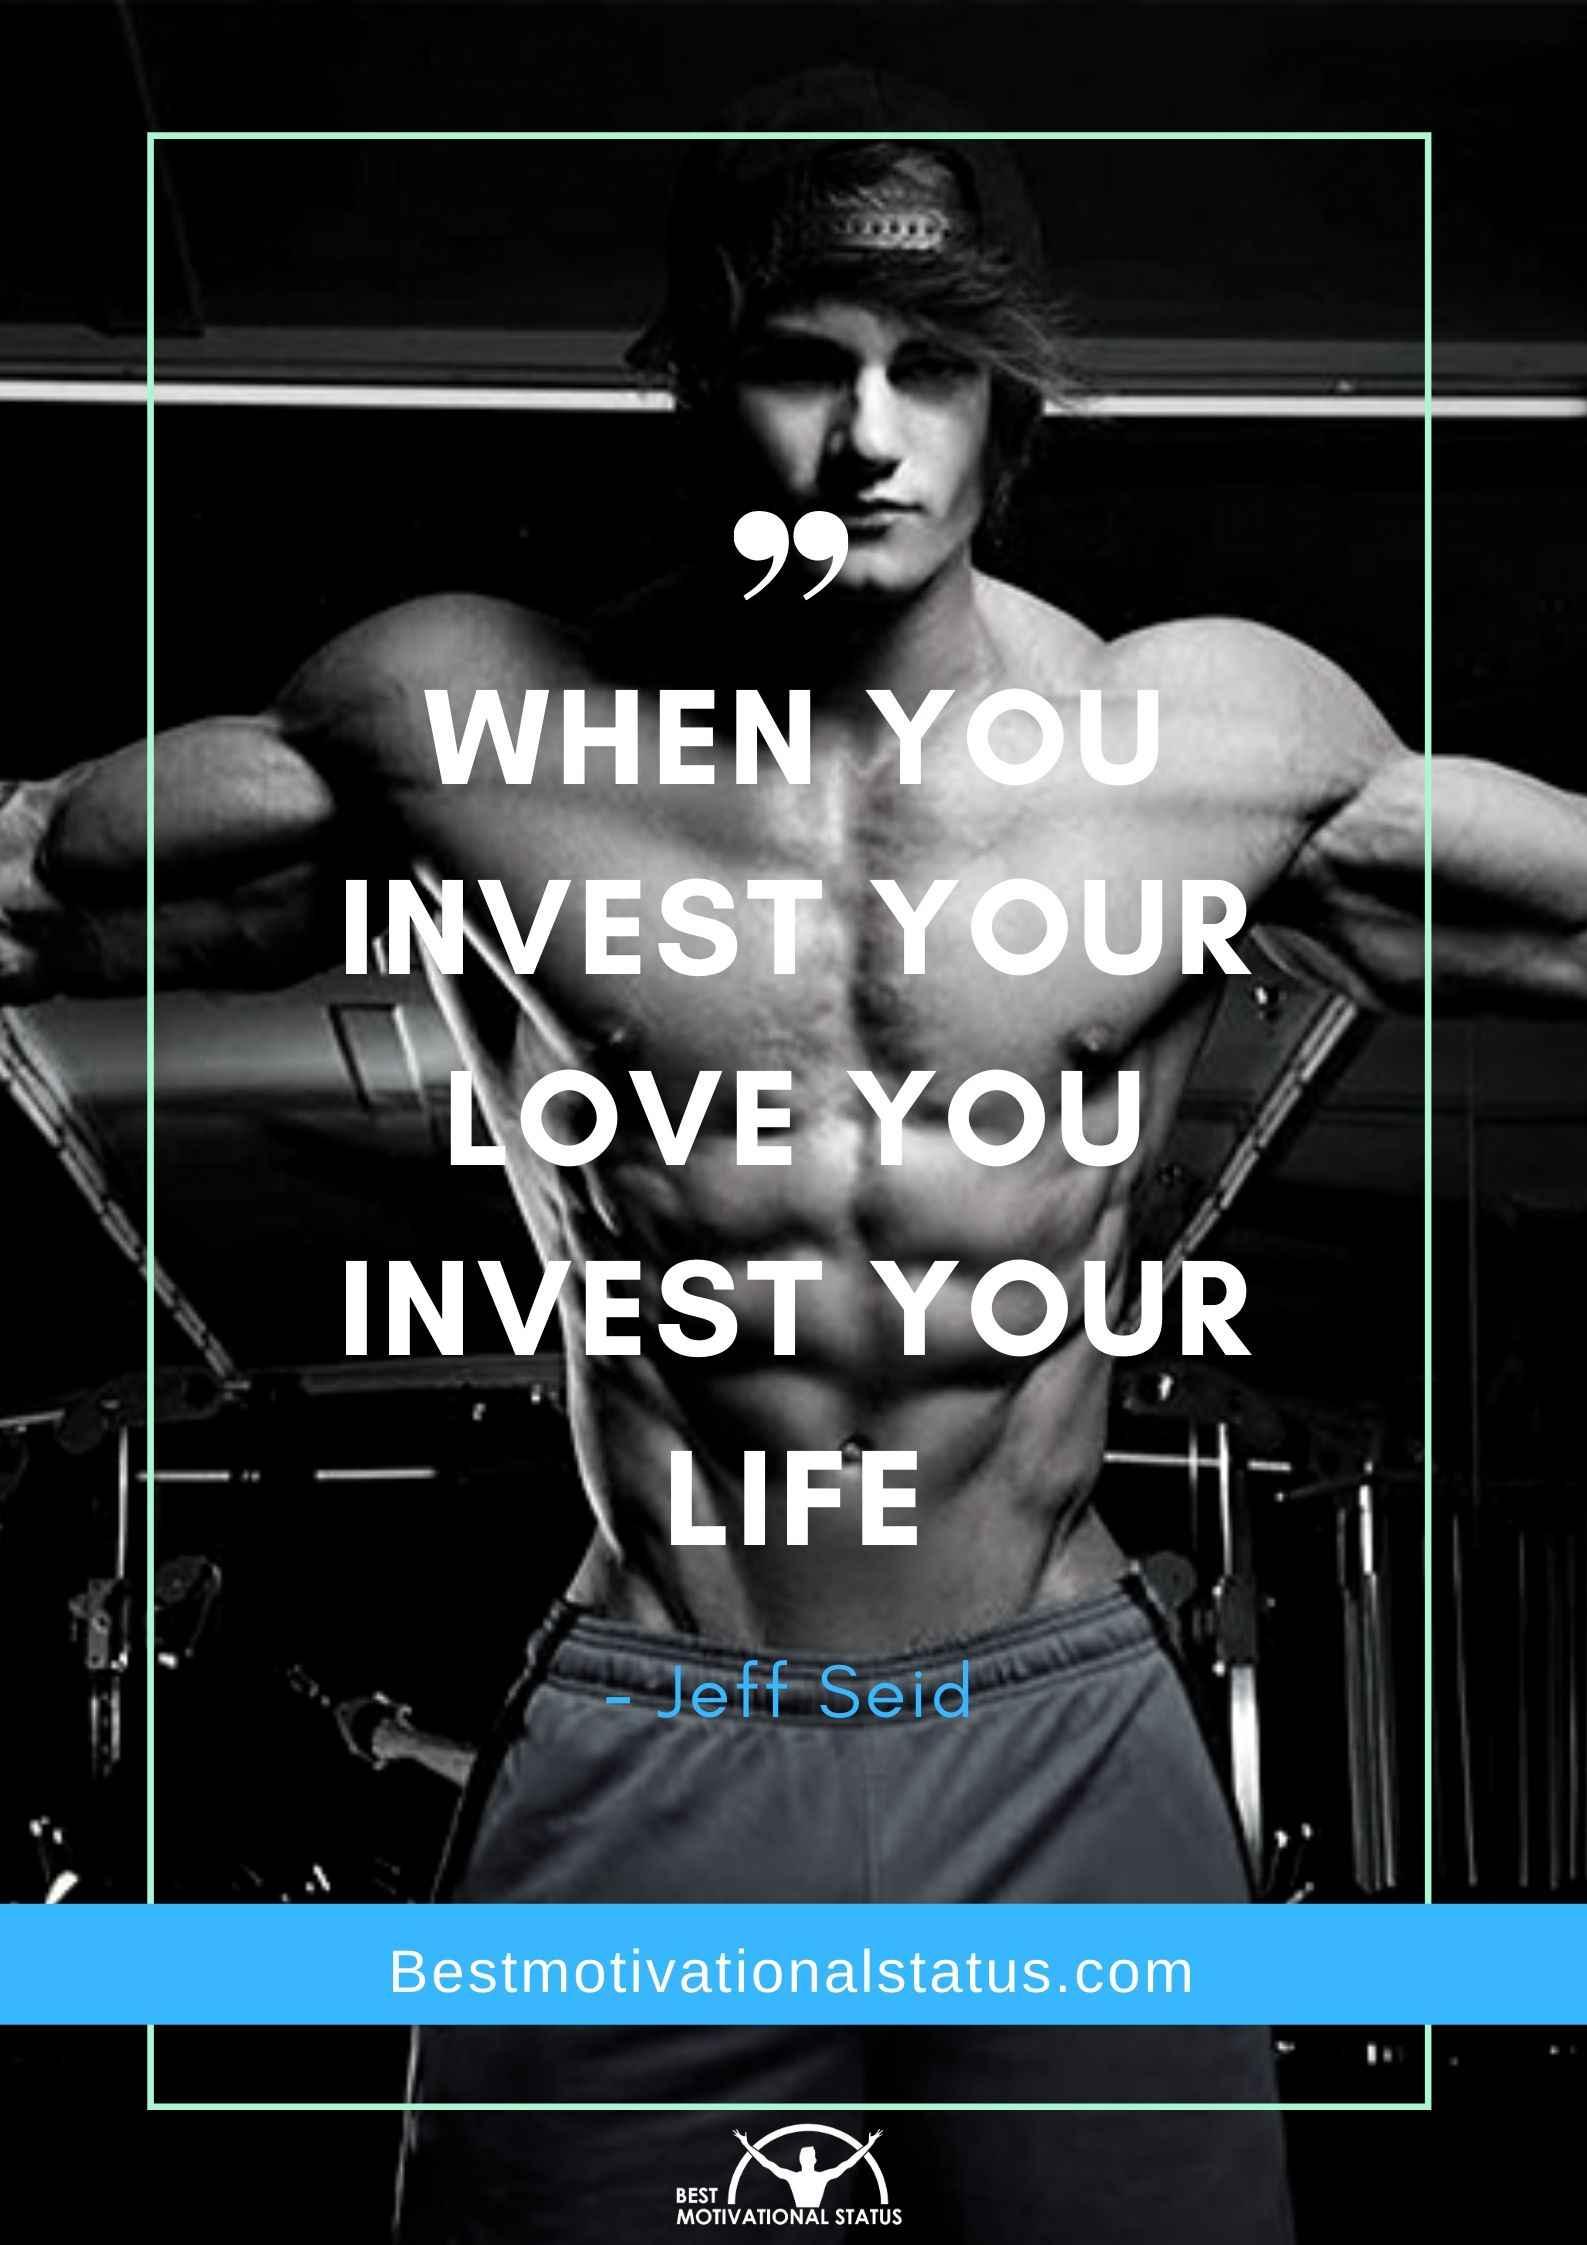 Jeff Seid Motivation Quotes images